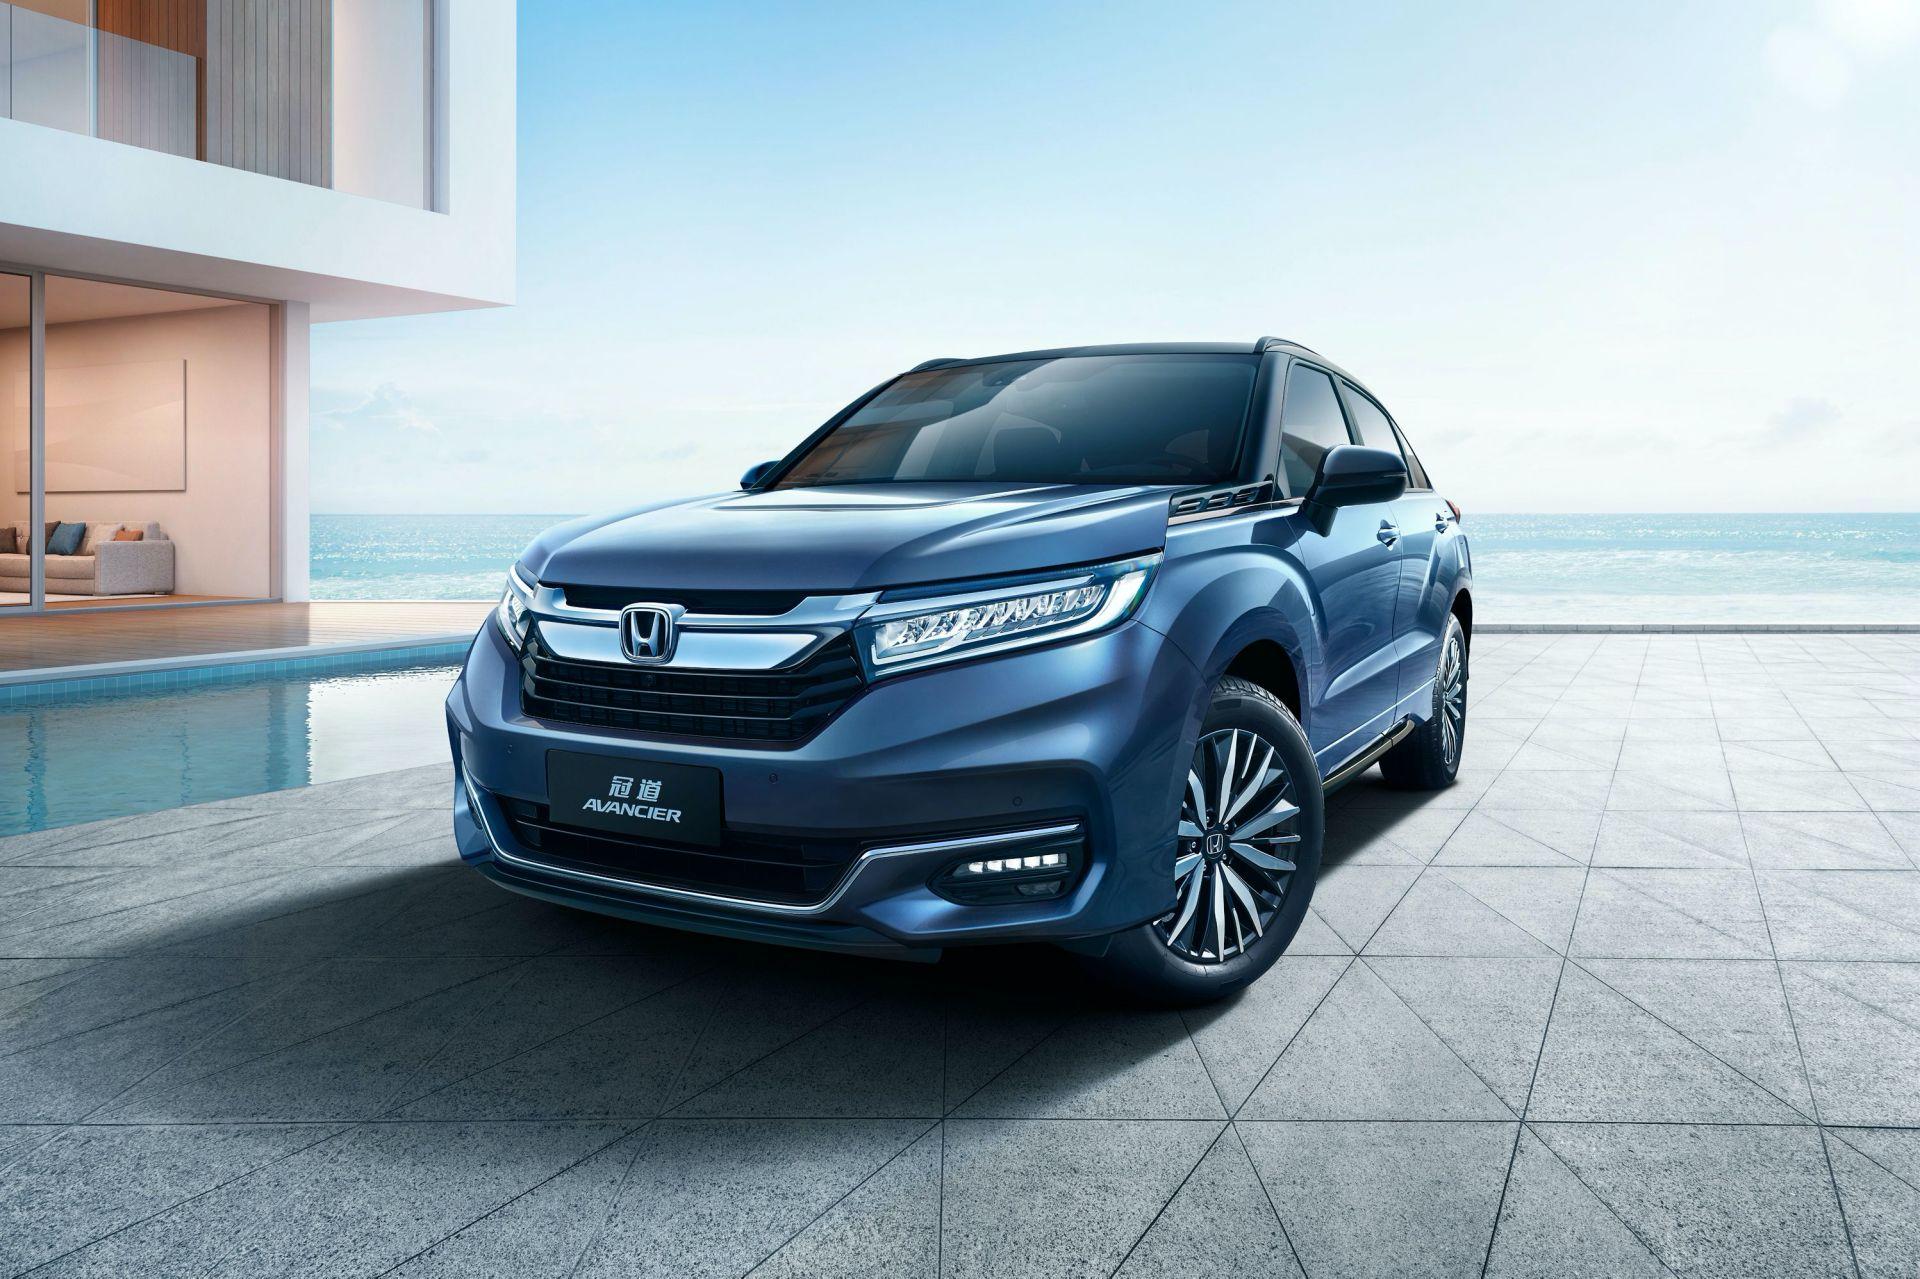 Honda Avancier 2020 đàn anh của CR-V, ra mắt tại Trung Quốc - 5